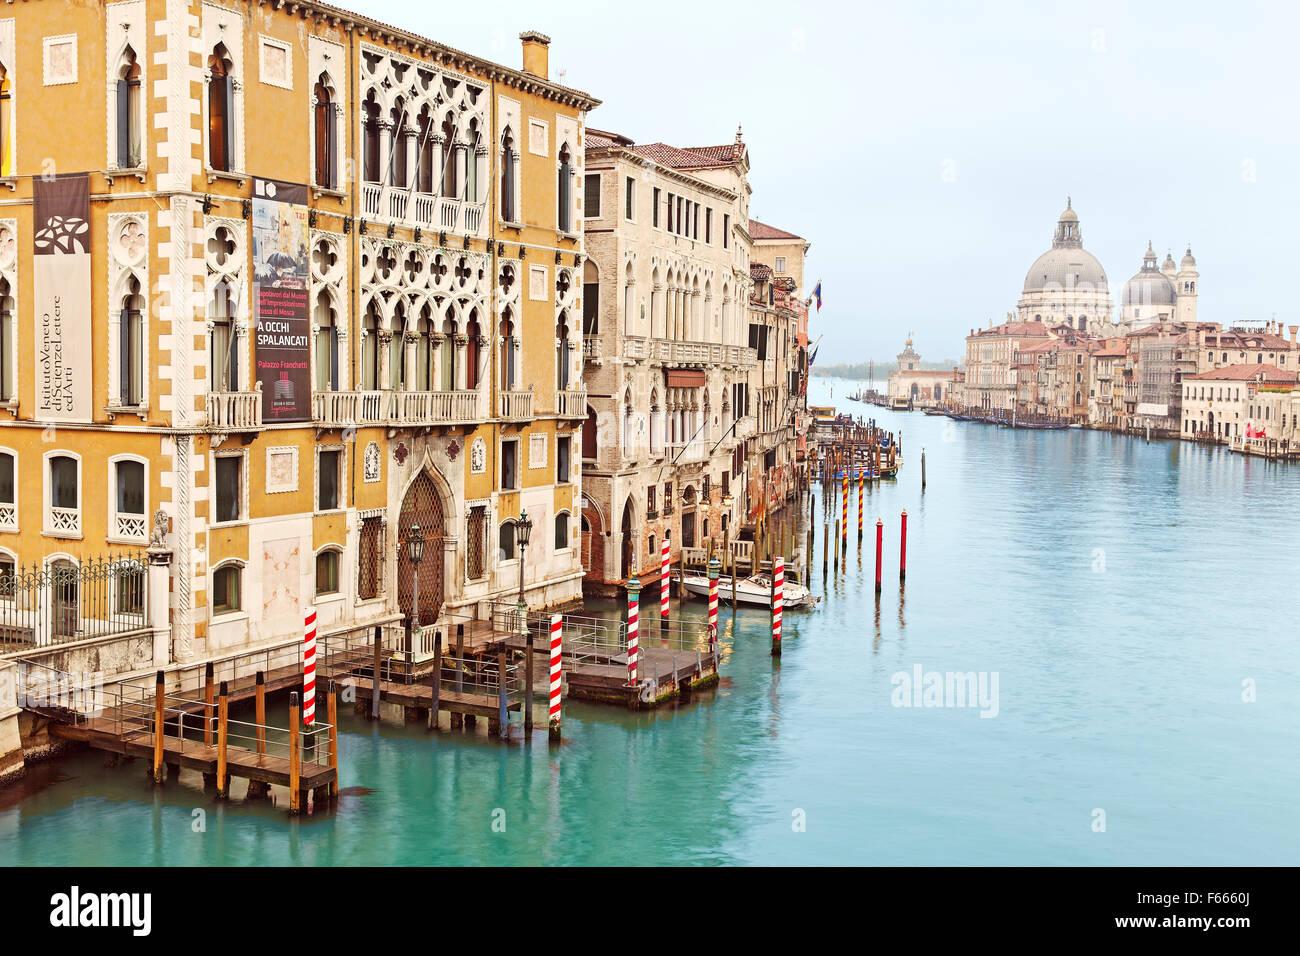 Venice Grand Canal Showing Istituto Veneto Di Scienze Lettere Ed Arti Stock Photo Alamy